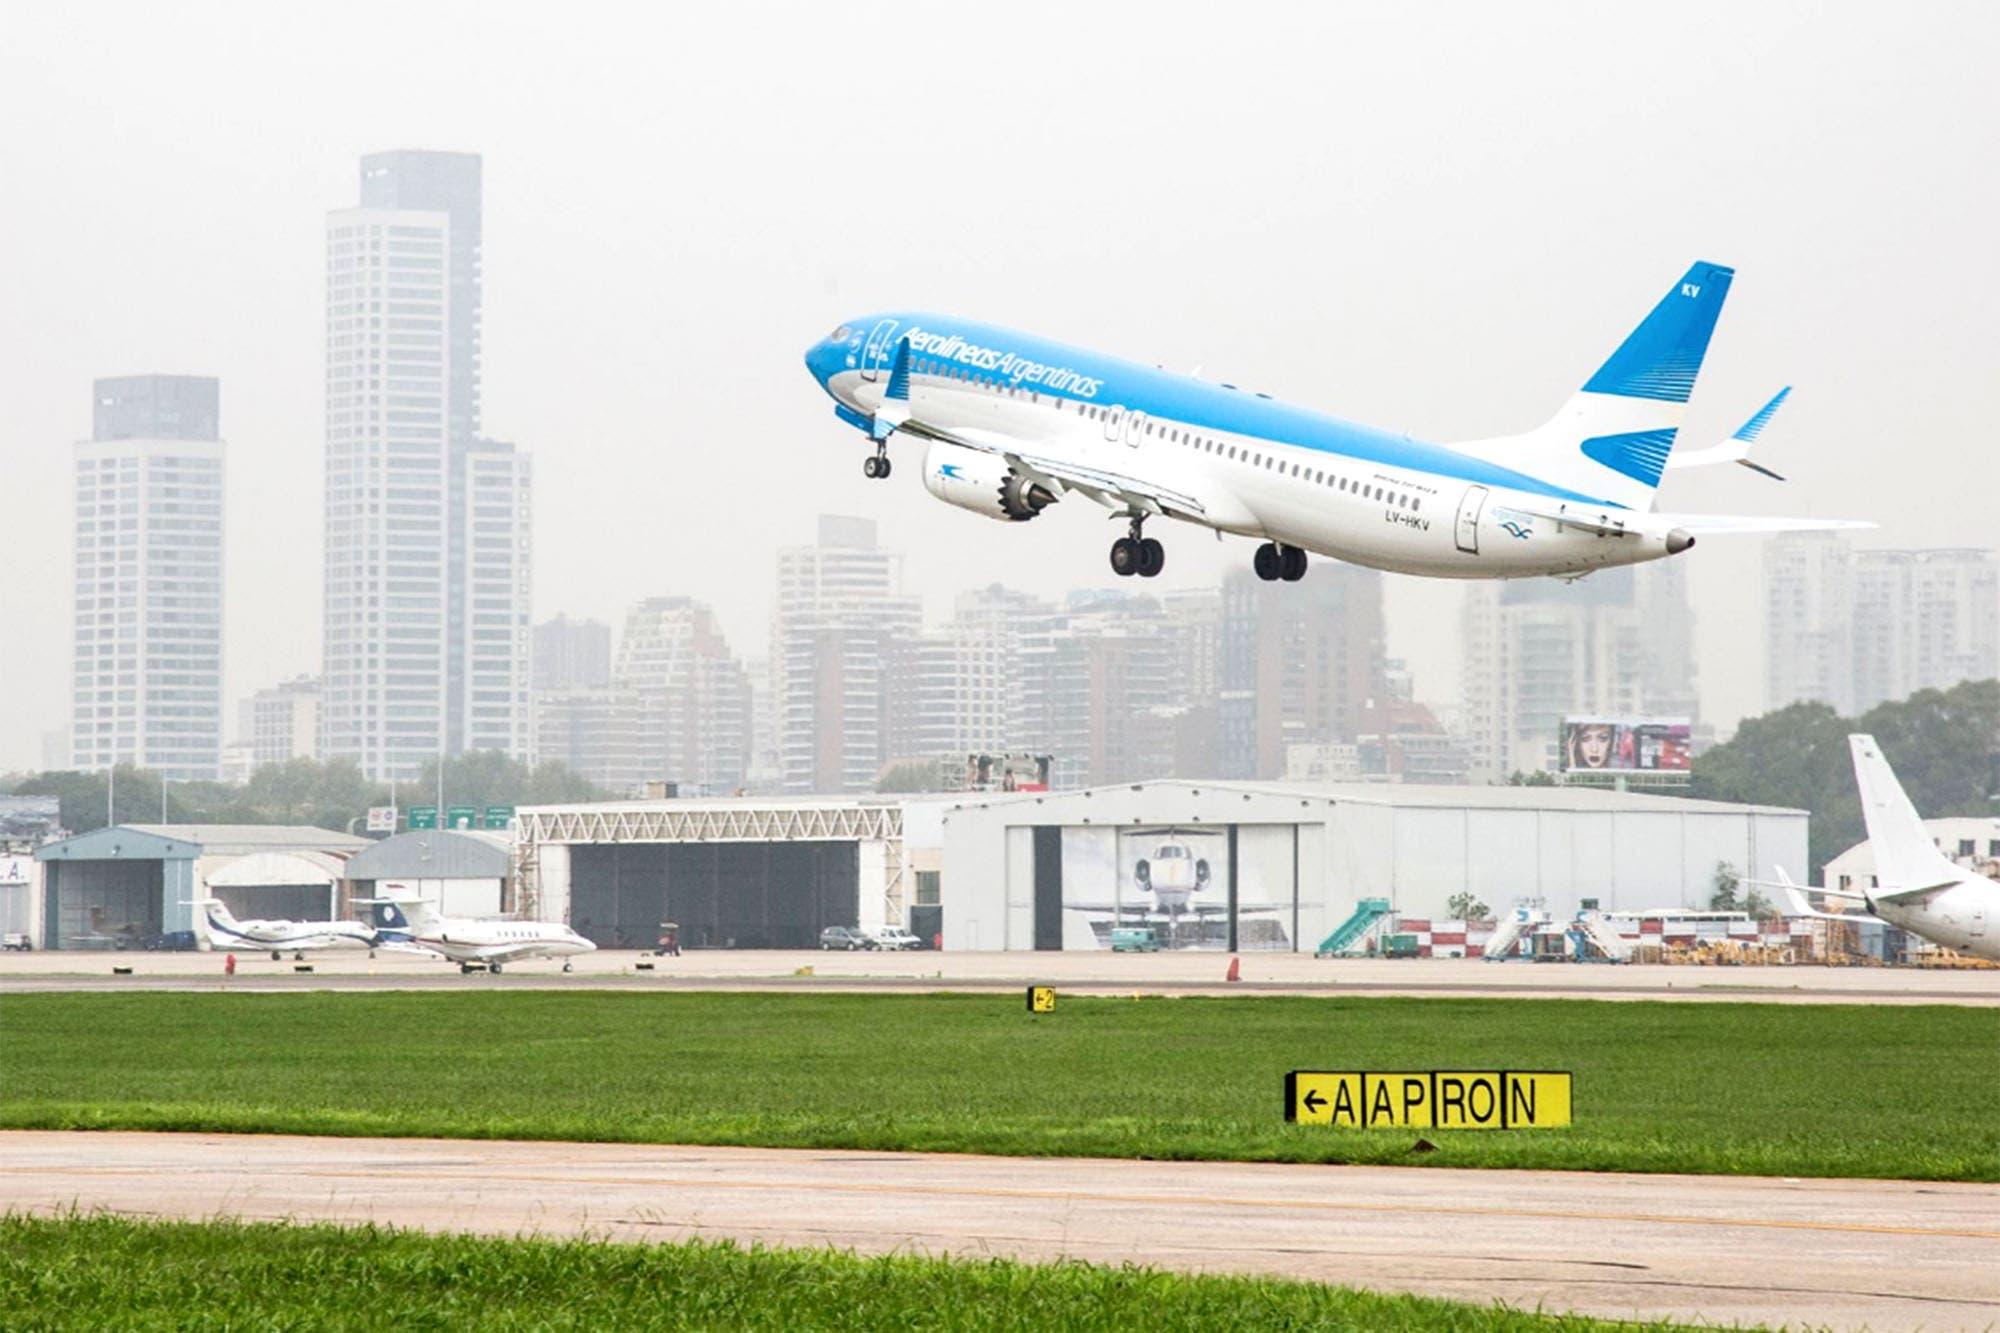 Aerolíneas. Polémica porque un avión dejará de volar un día antes ...